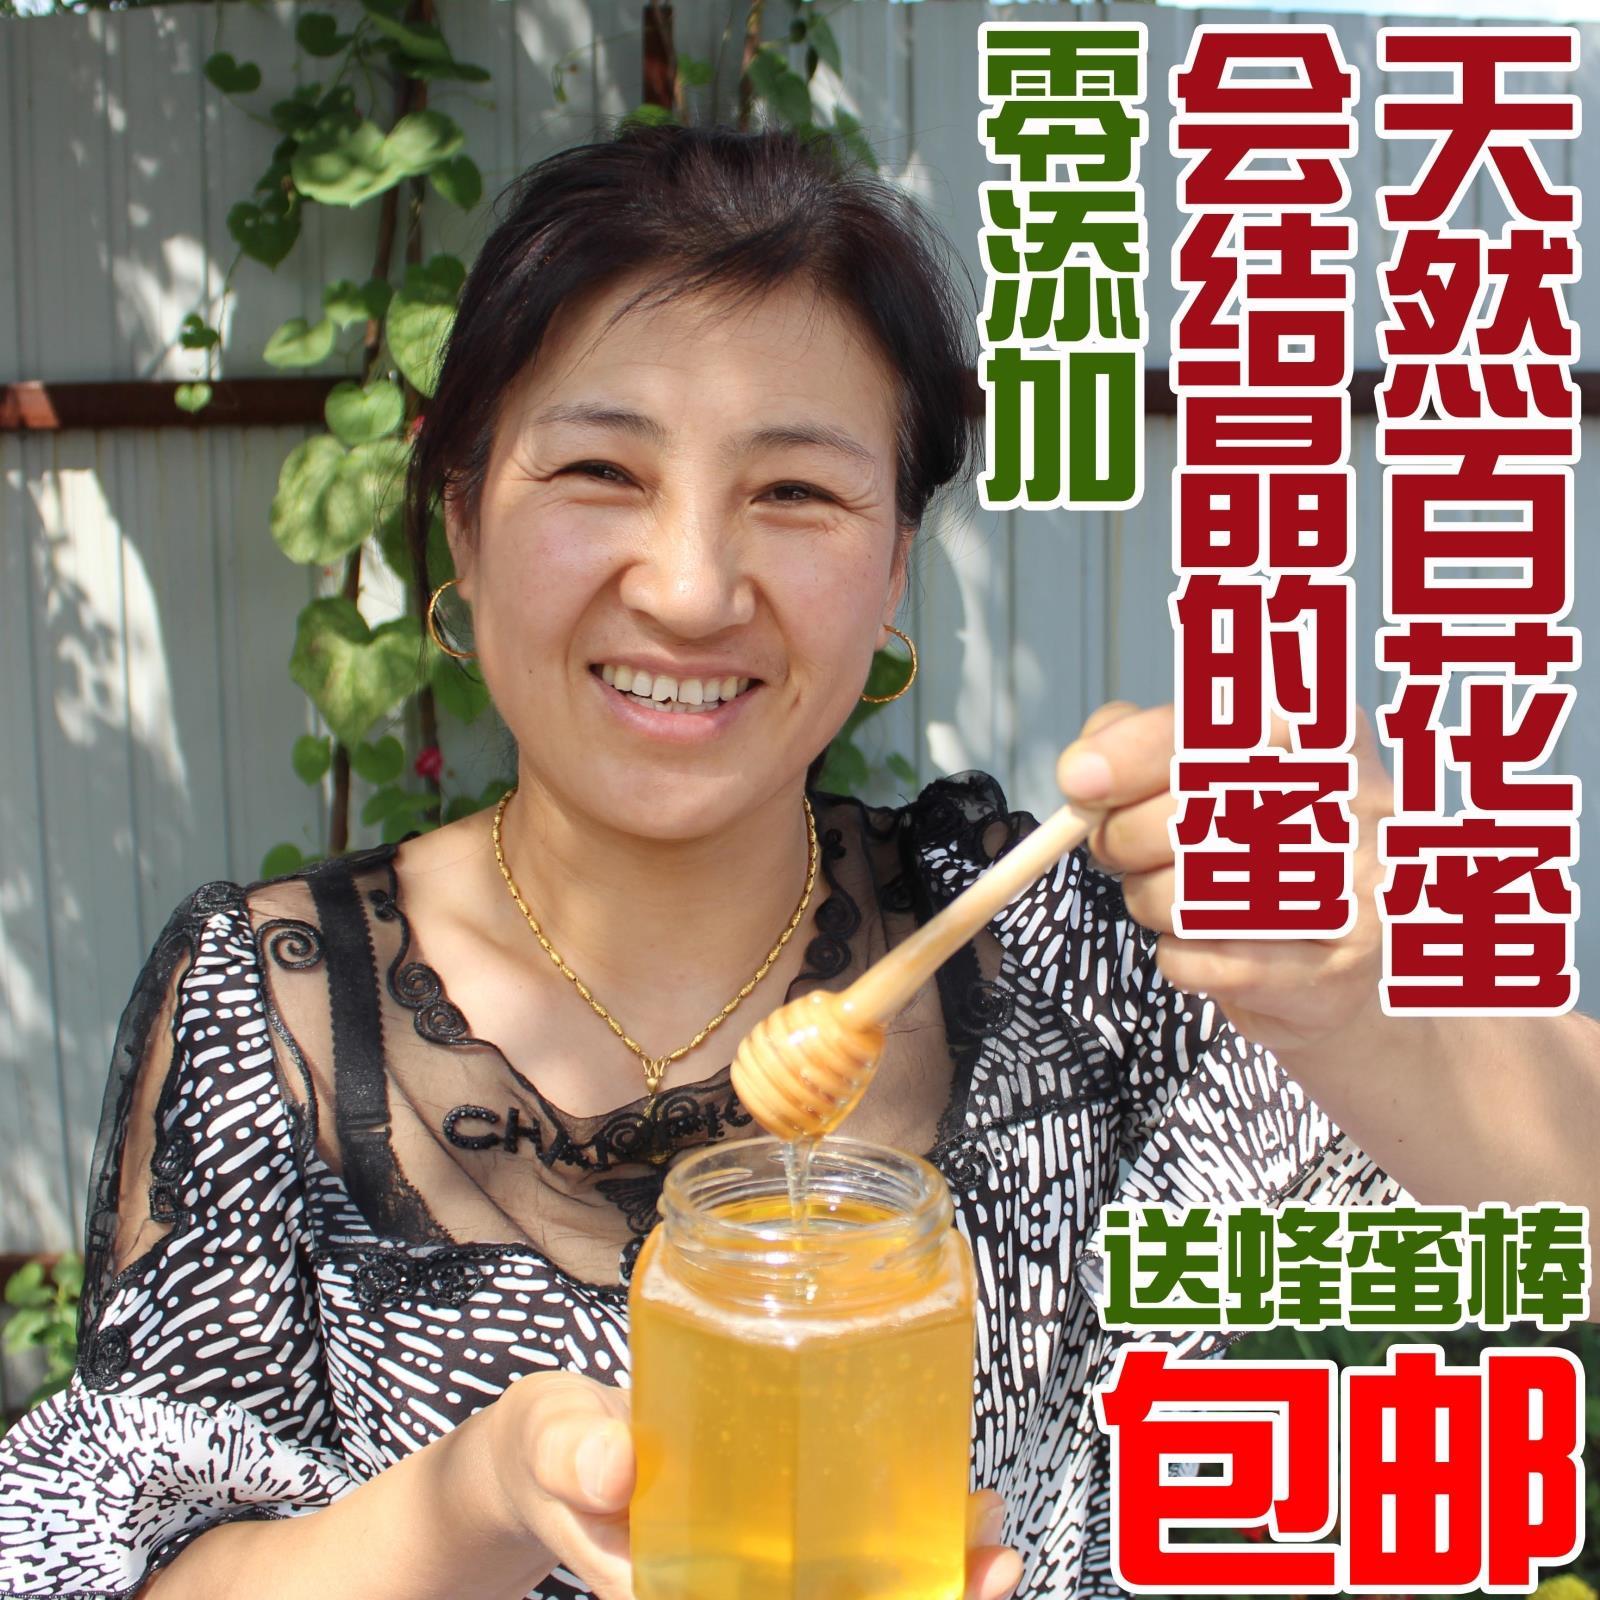 东北特产大兴安岭农家土蜂蜜 百花蜜天然结晶蜜500g包邮